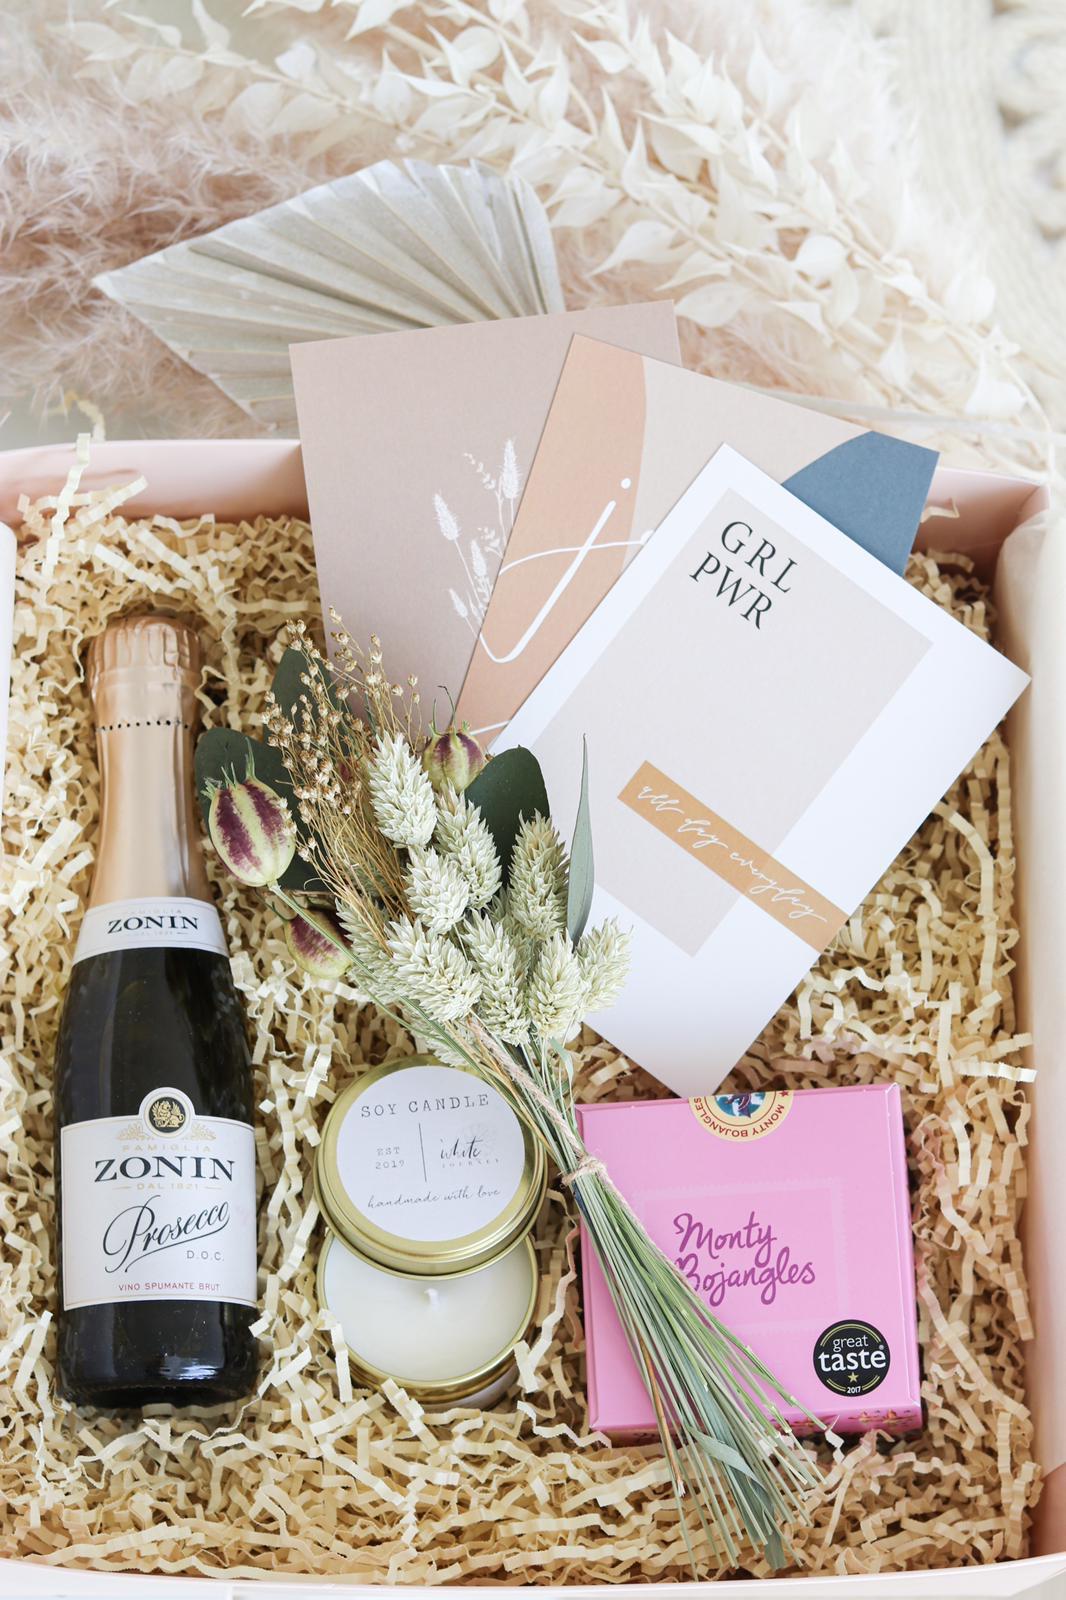 Muttertagsbox mit hand made Kerze, Prosecco, Trockenblumen und Postkarten